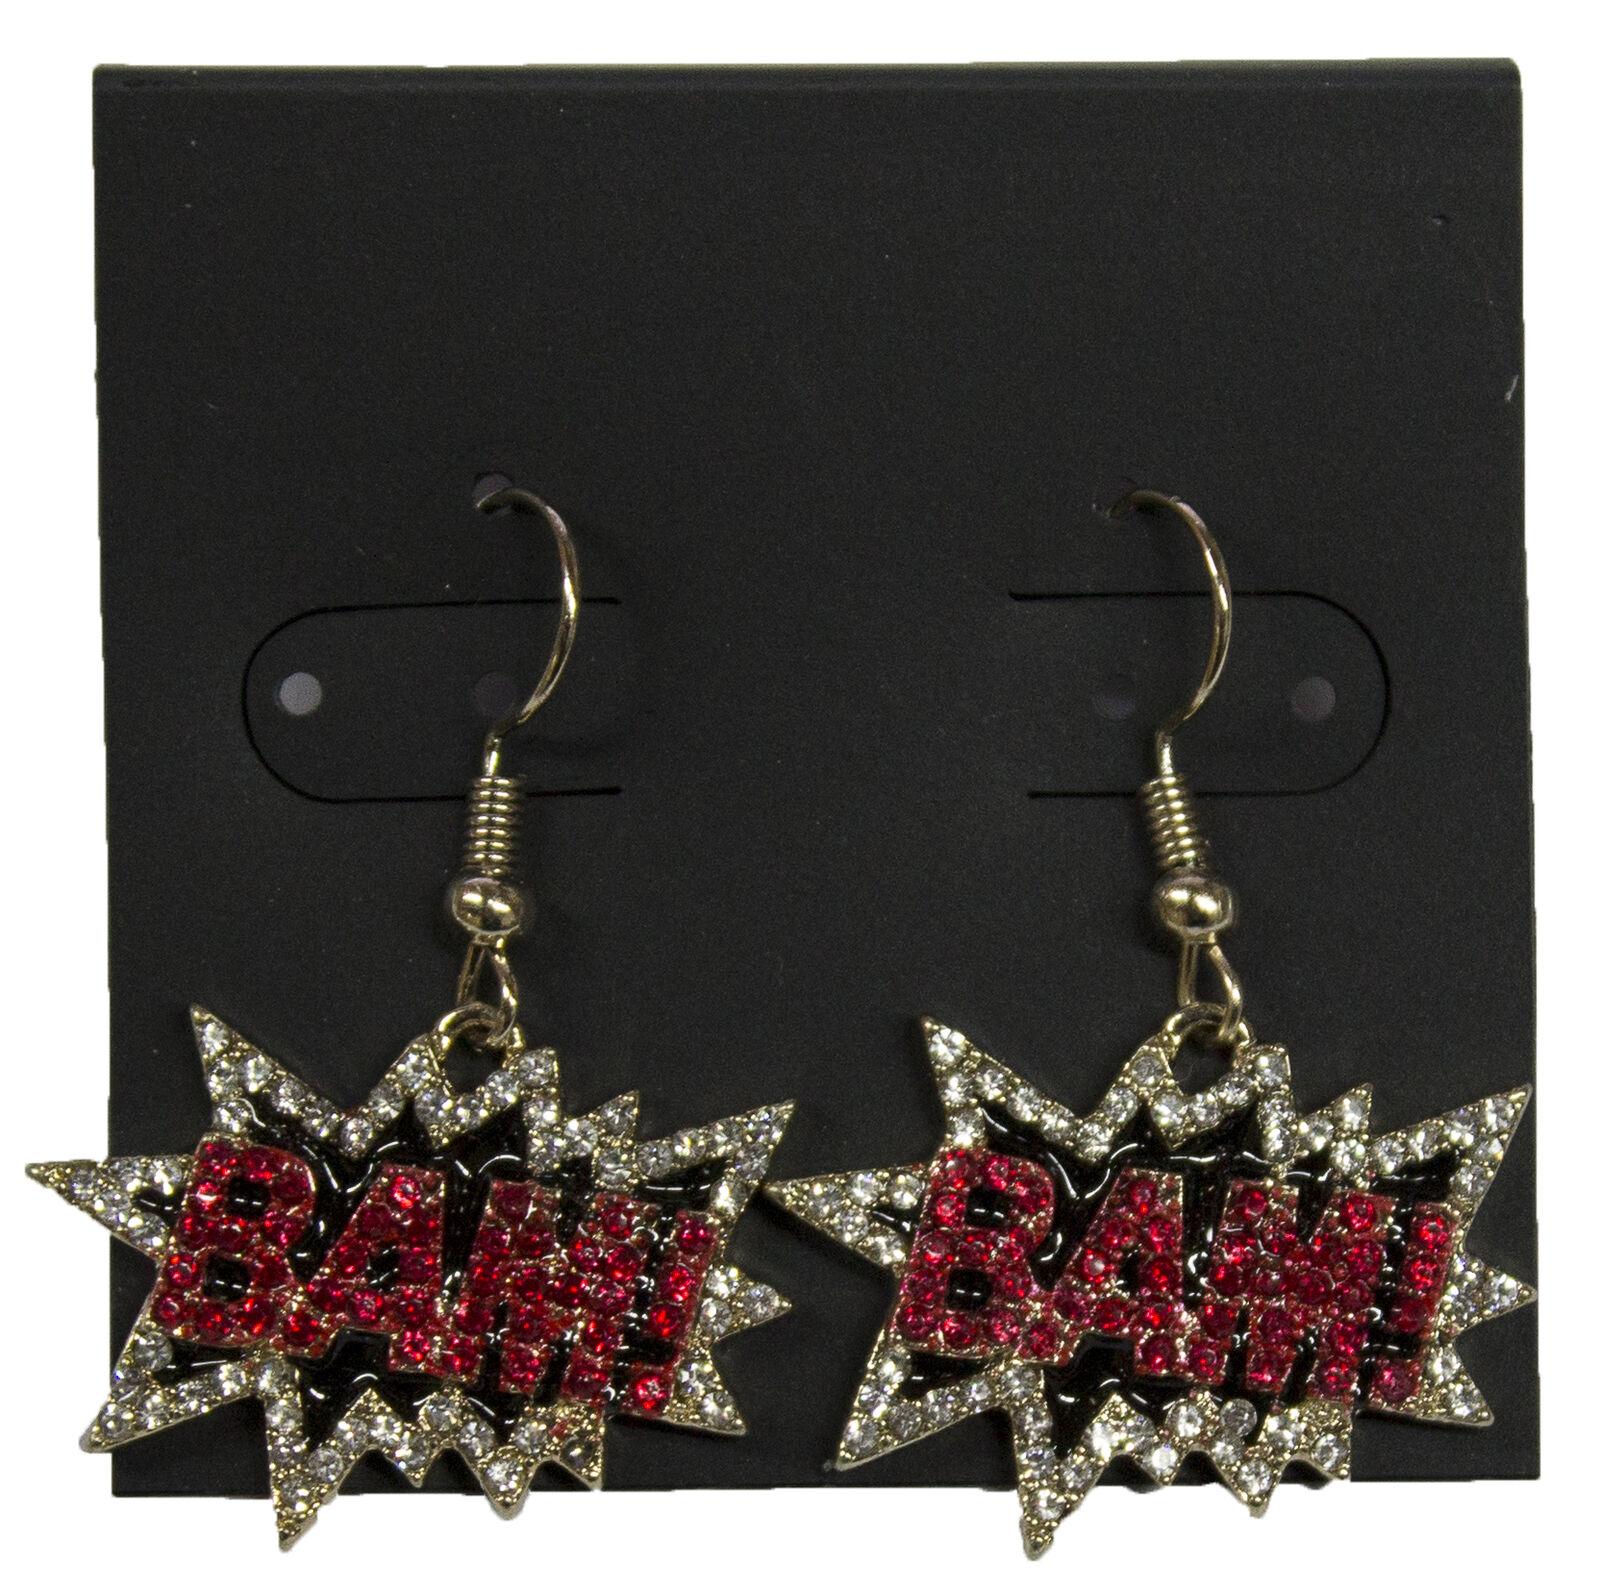 Pop Art Earrings with Rhinestones and Enamel